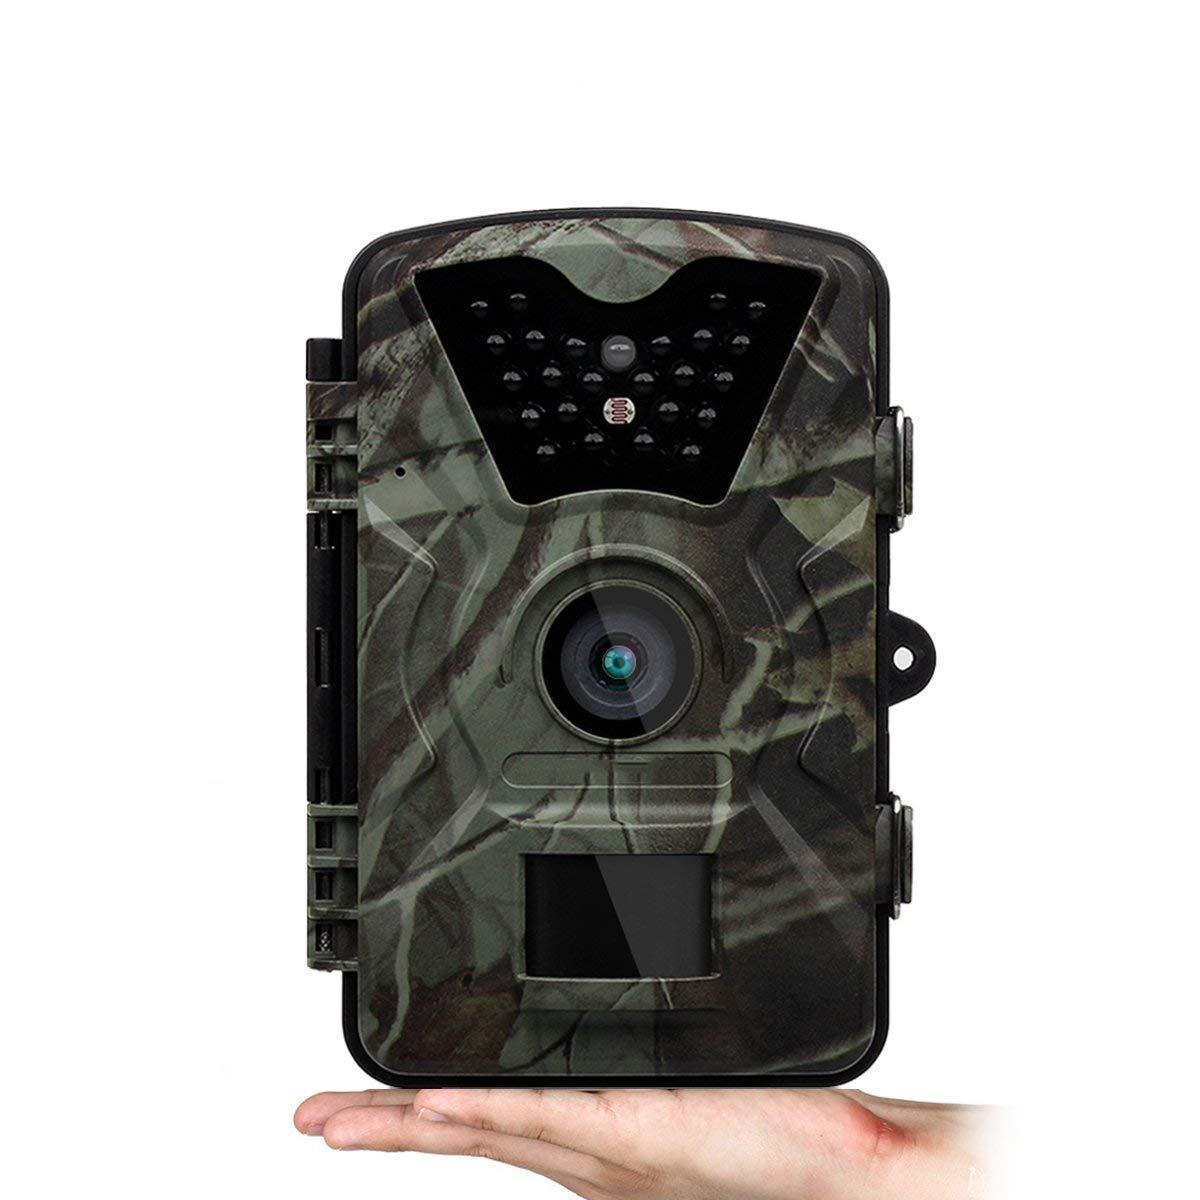 【楽ギフ_包装】 動物または家の監視のための 940nm IR LEDs の夜の視野2.31 インチ TFT スクリーンが付いている野生生物の道のカメラ 12MP 1080p の HD の探求のカム   B07Q4HGCRH, アリエチョウ f8d92efb